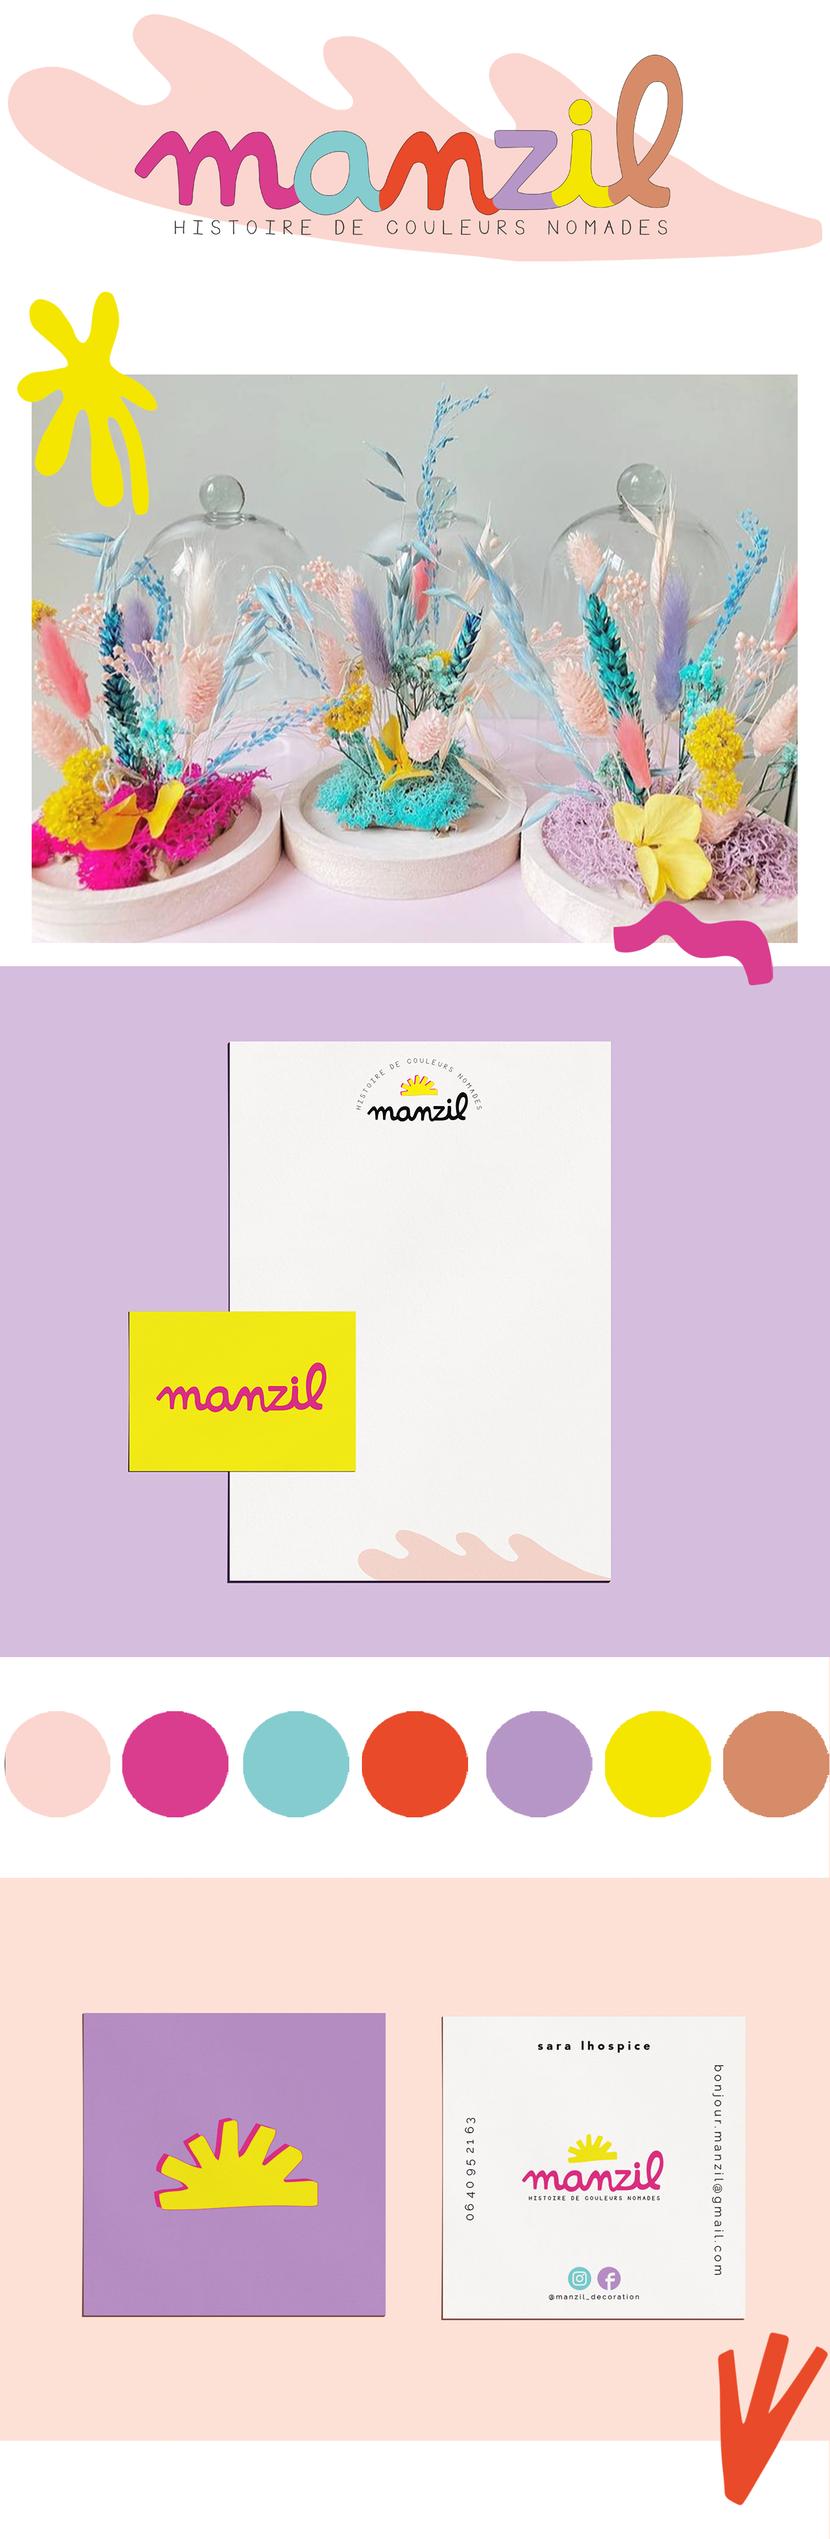 manzil_identité.png